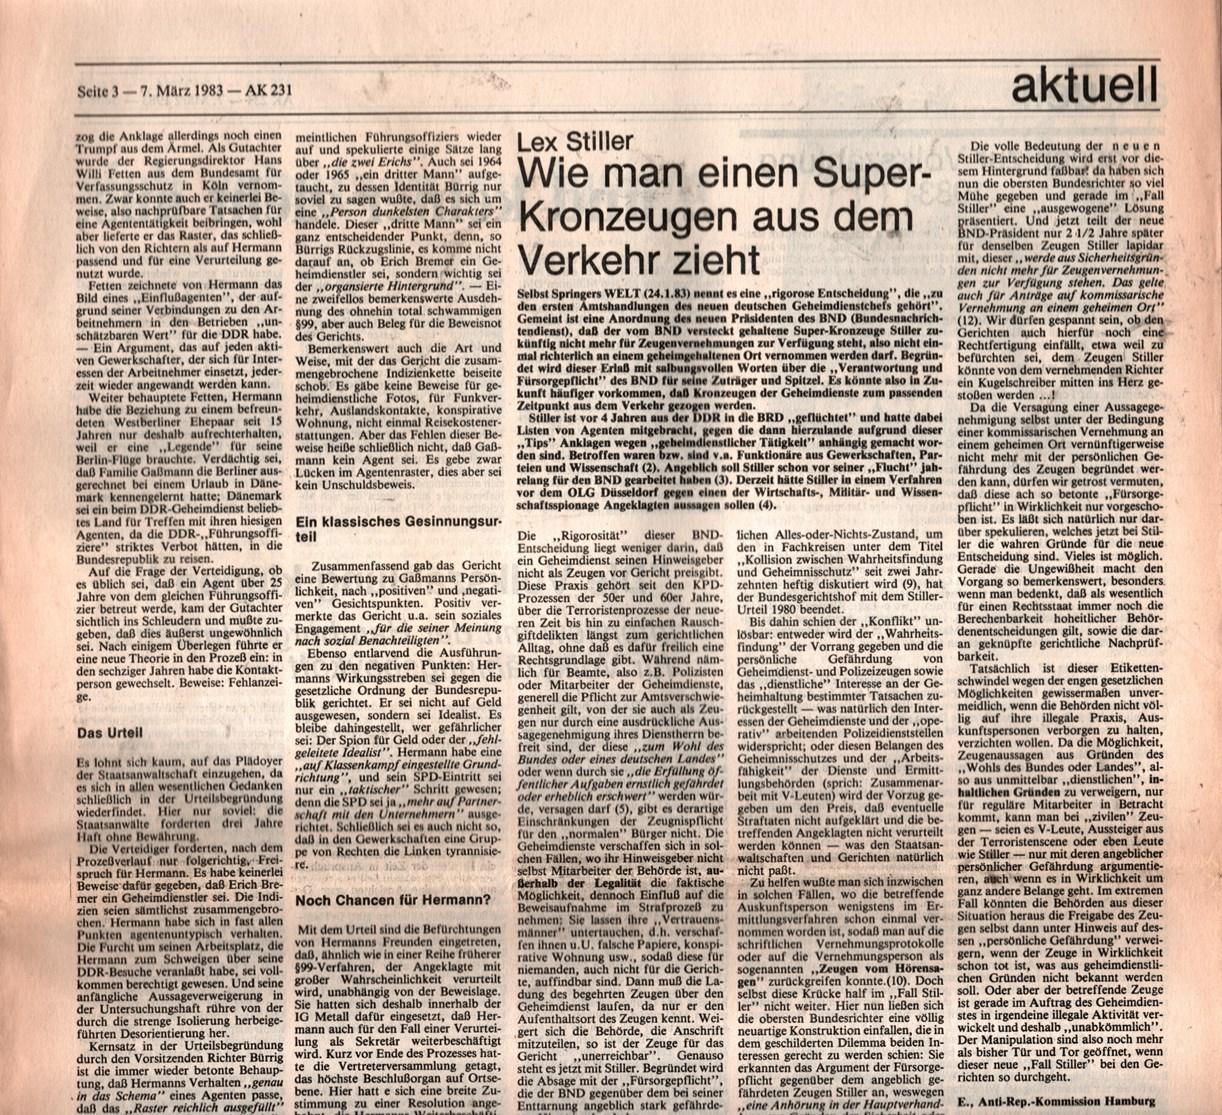 KB_AK_1983_231_005